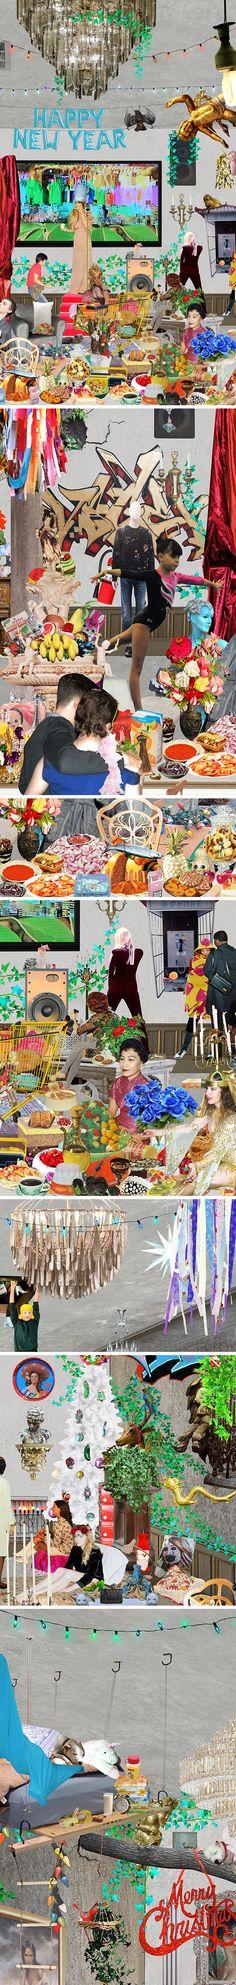 giant collage by sanda anderlon <3 HAPPY 2017 xo